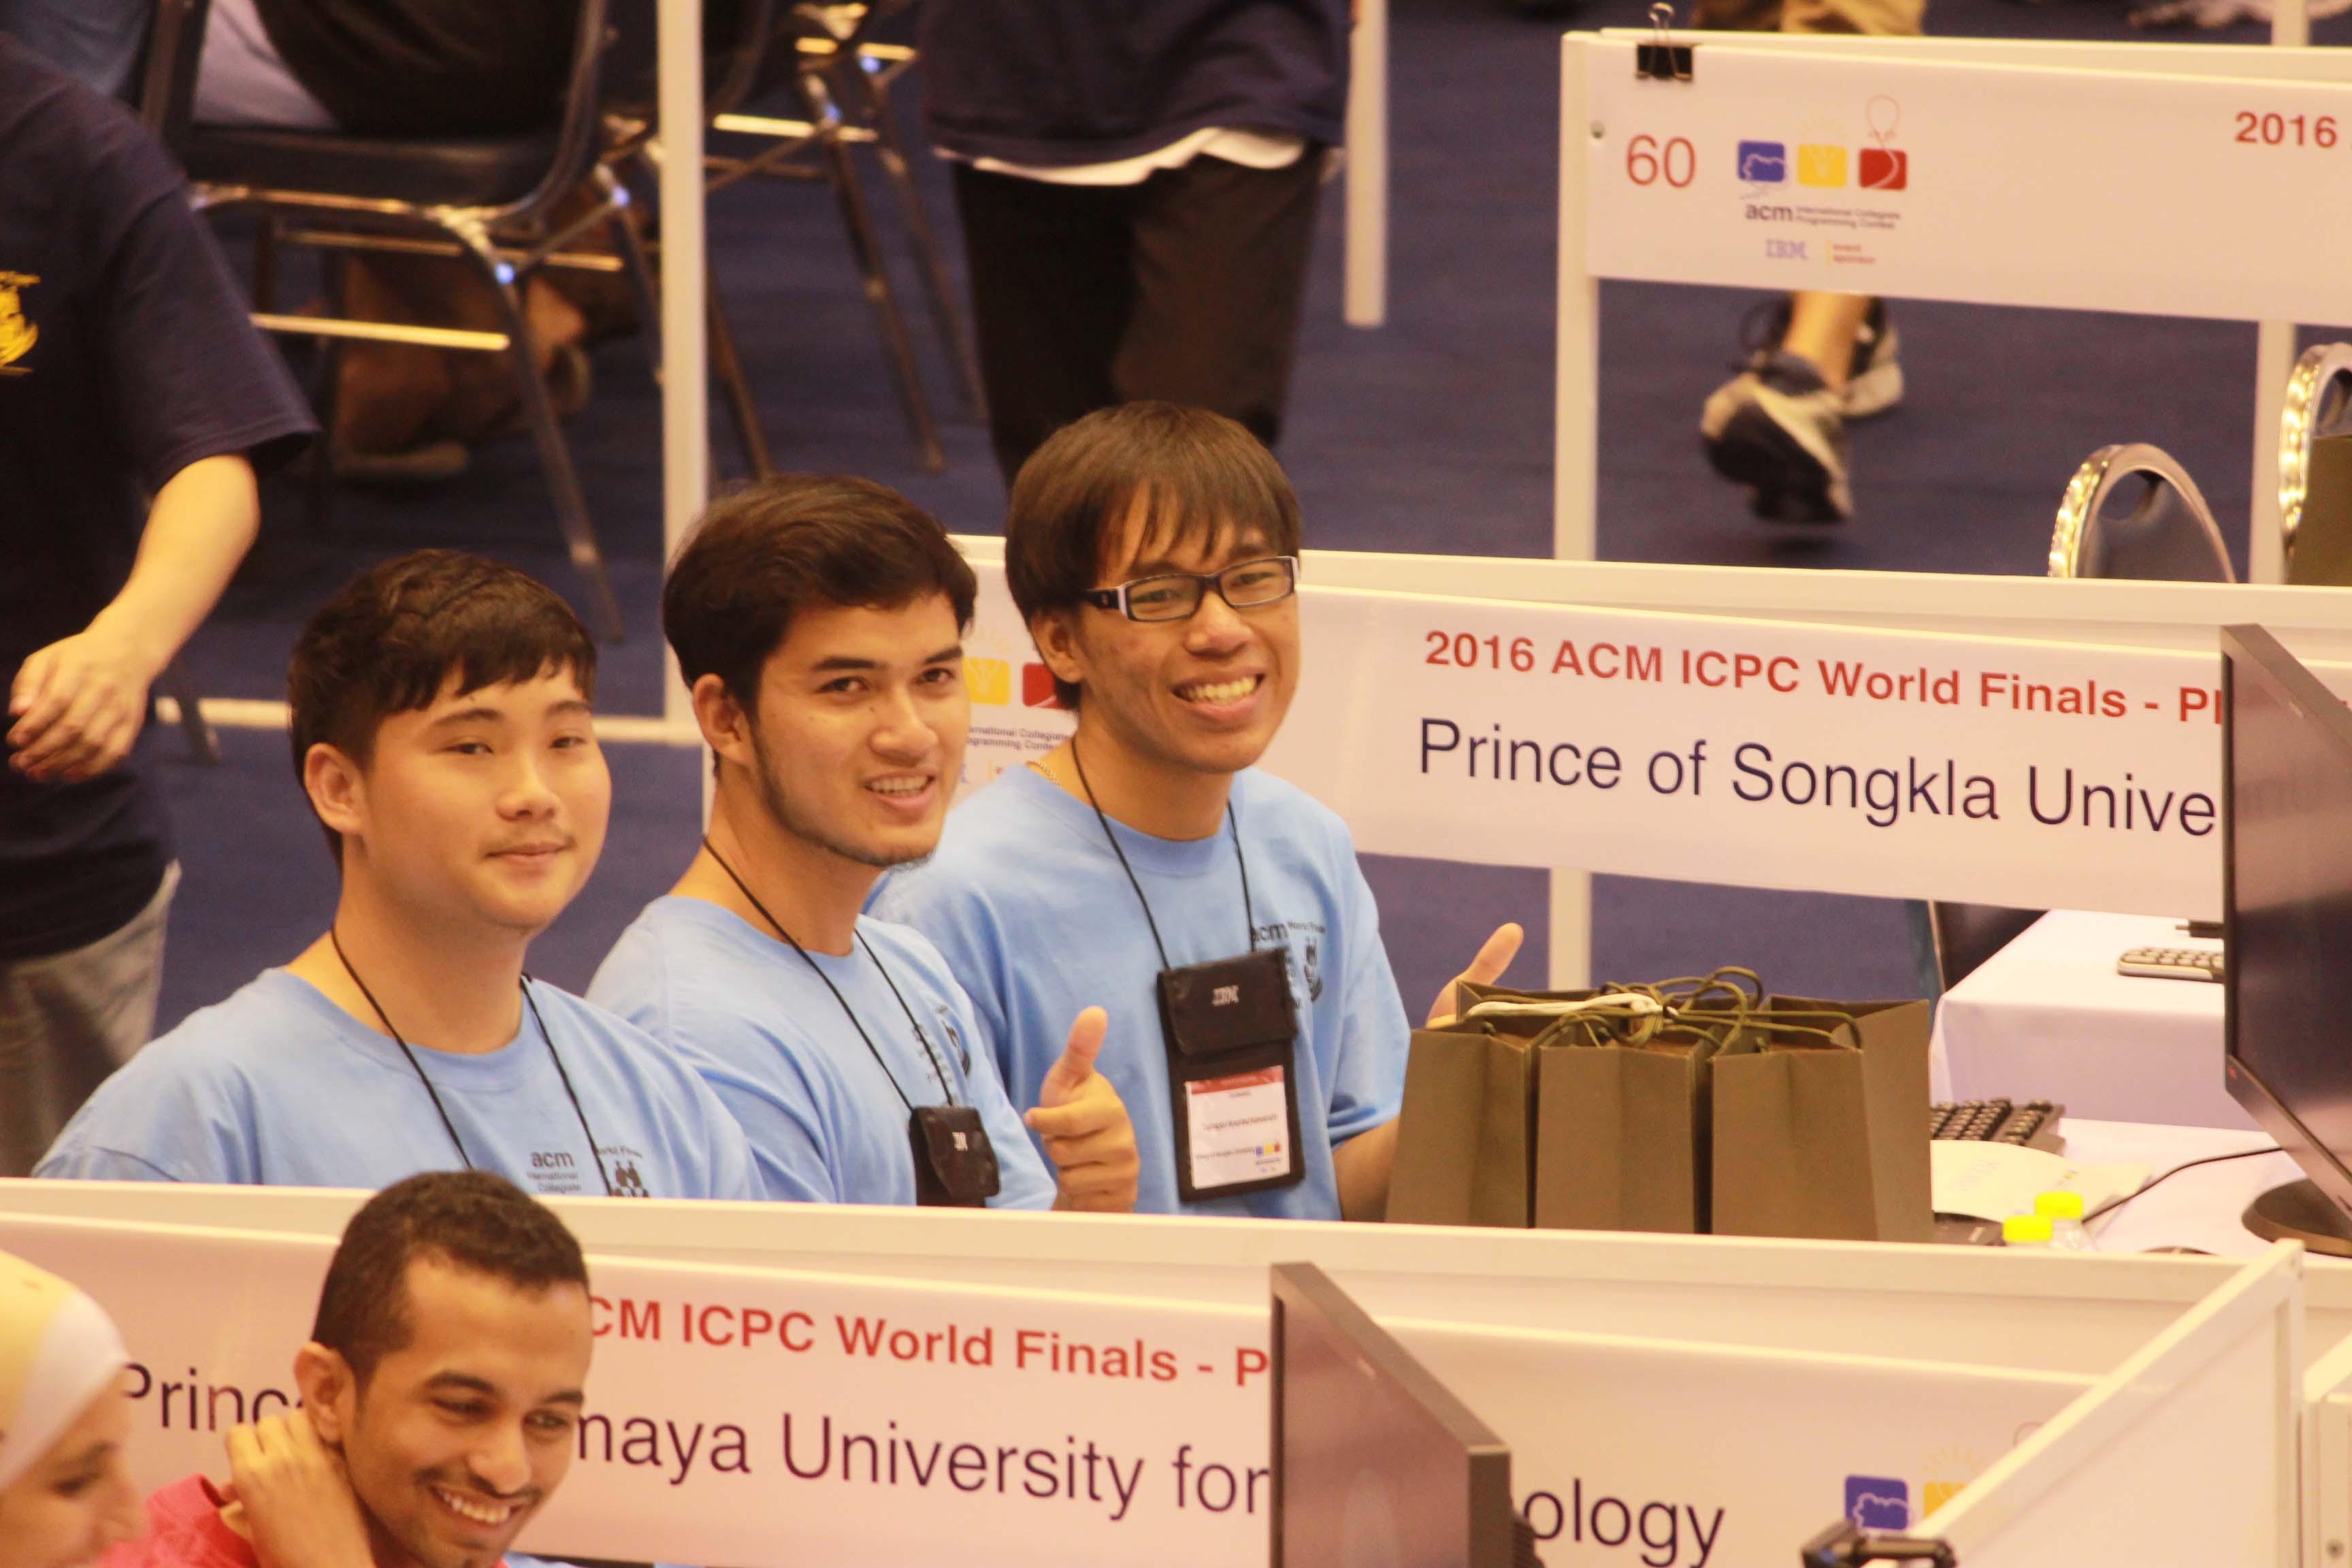 2 ทีมนักศึกษา ม.อ. ในสนามการแข่งขัน